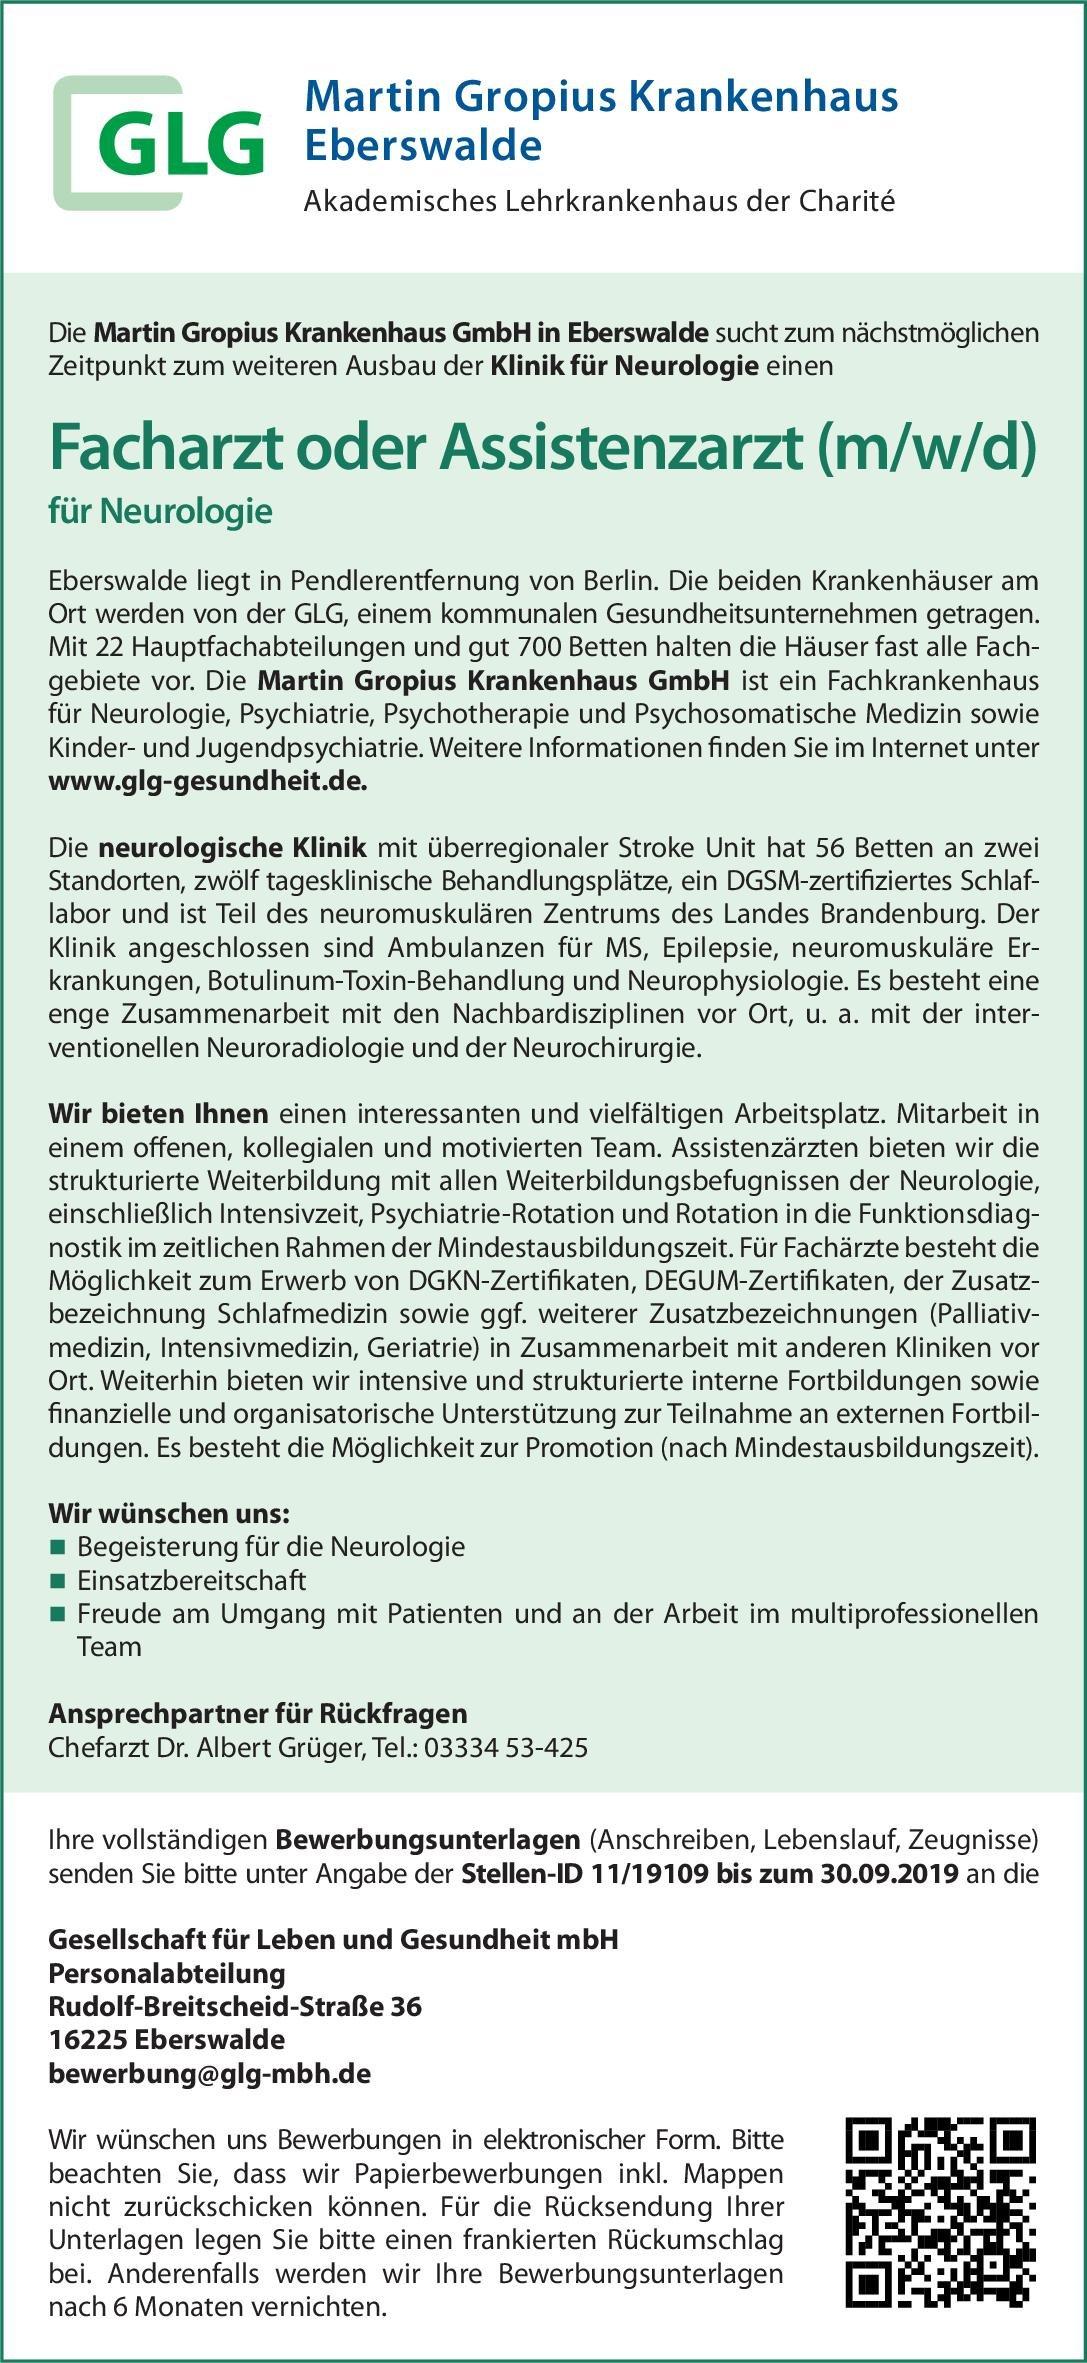 Martin Gropius Krankenhaus GmbH Facharzt oder Assistenzarzt (m/w/d) für Neurologie Neurologie Arzt / Facharzt, Assistenzarzt / Arzt in Weiterbildung